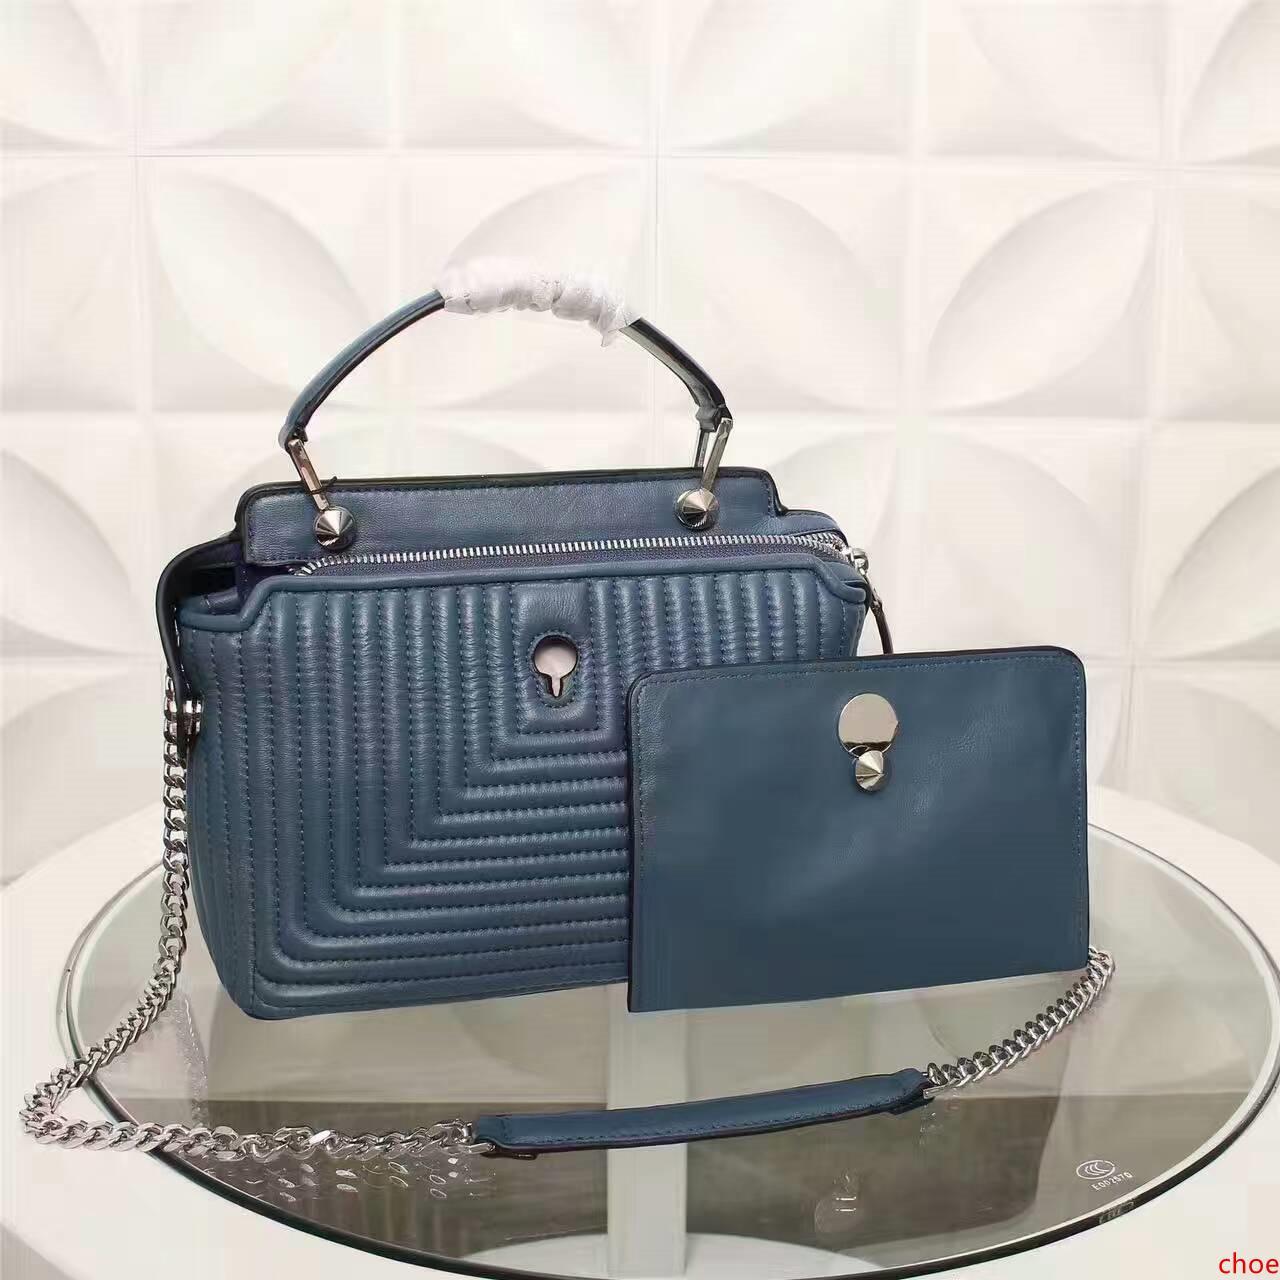 Stern mit der neuen Modell italienische Lammfell Persönlichkeit Umhängetasche importiert Messenger weibliche Designertasche Luxus-Mode-Damen